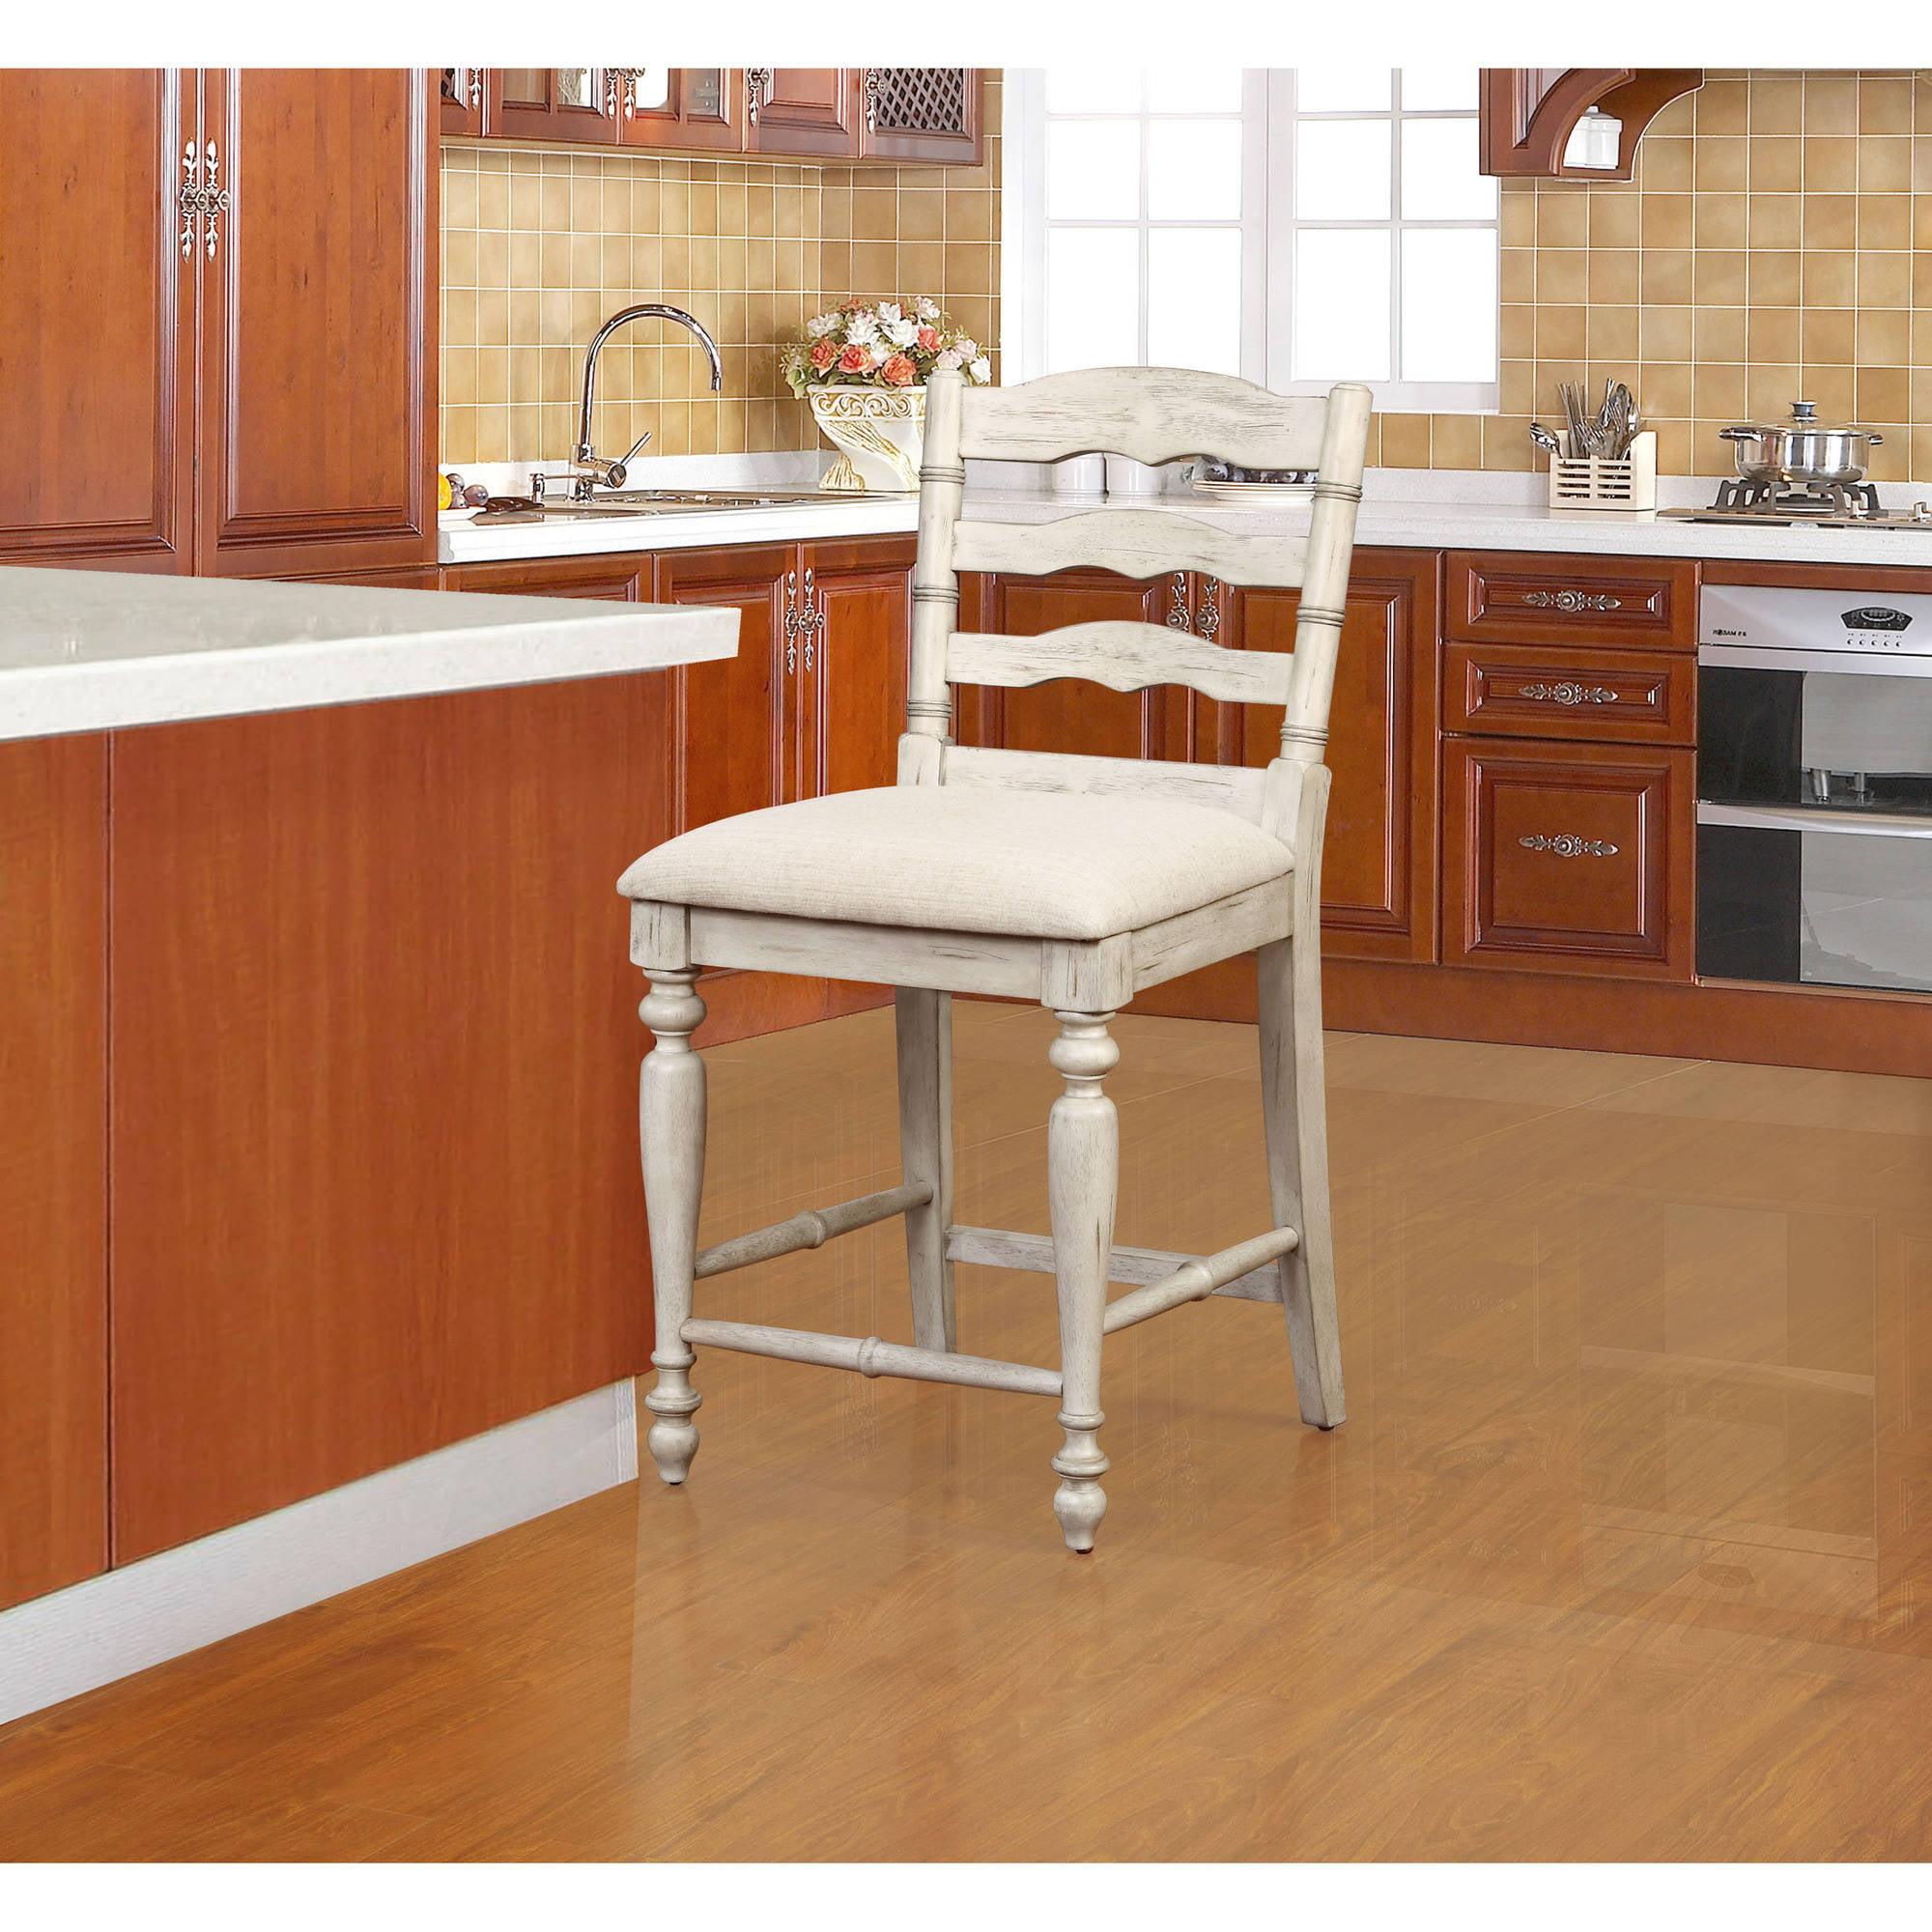 Linon Marino Counter Stool White Wash Finish 24 Inch Seat Height